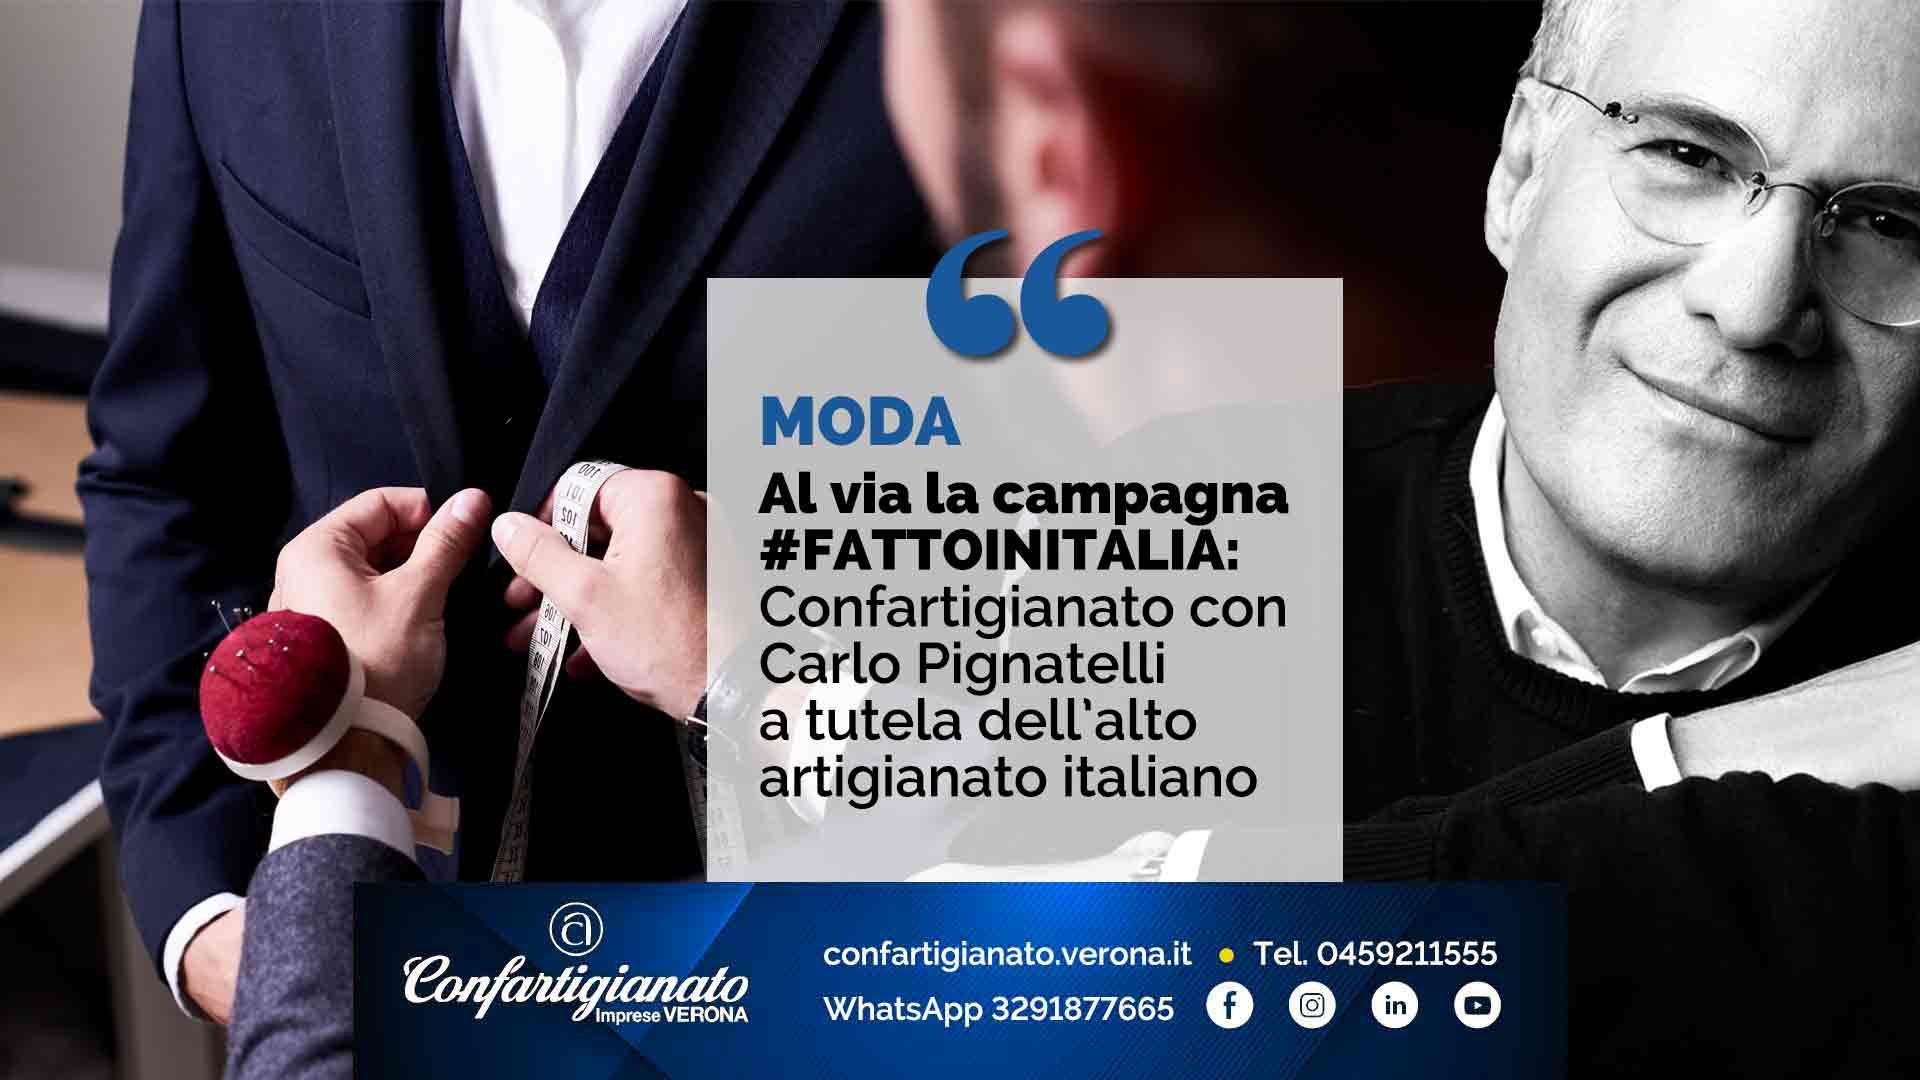 MODA – Al via la campagna #FATTOINITALIA: Confartigianato con Carlo Pignatelli a tutela dell'alto artigianato italiano